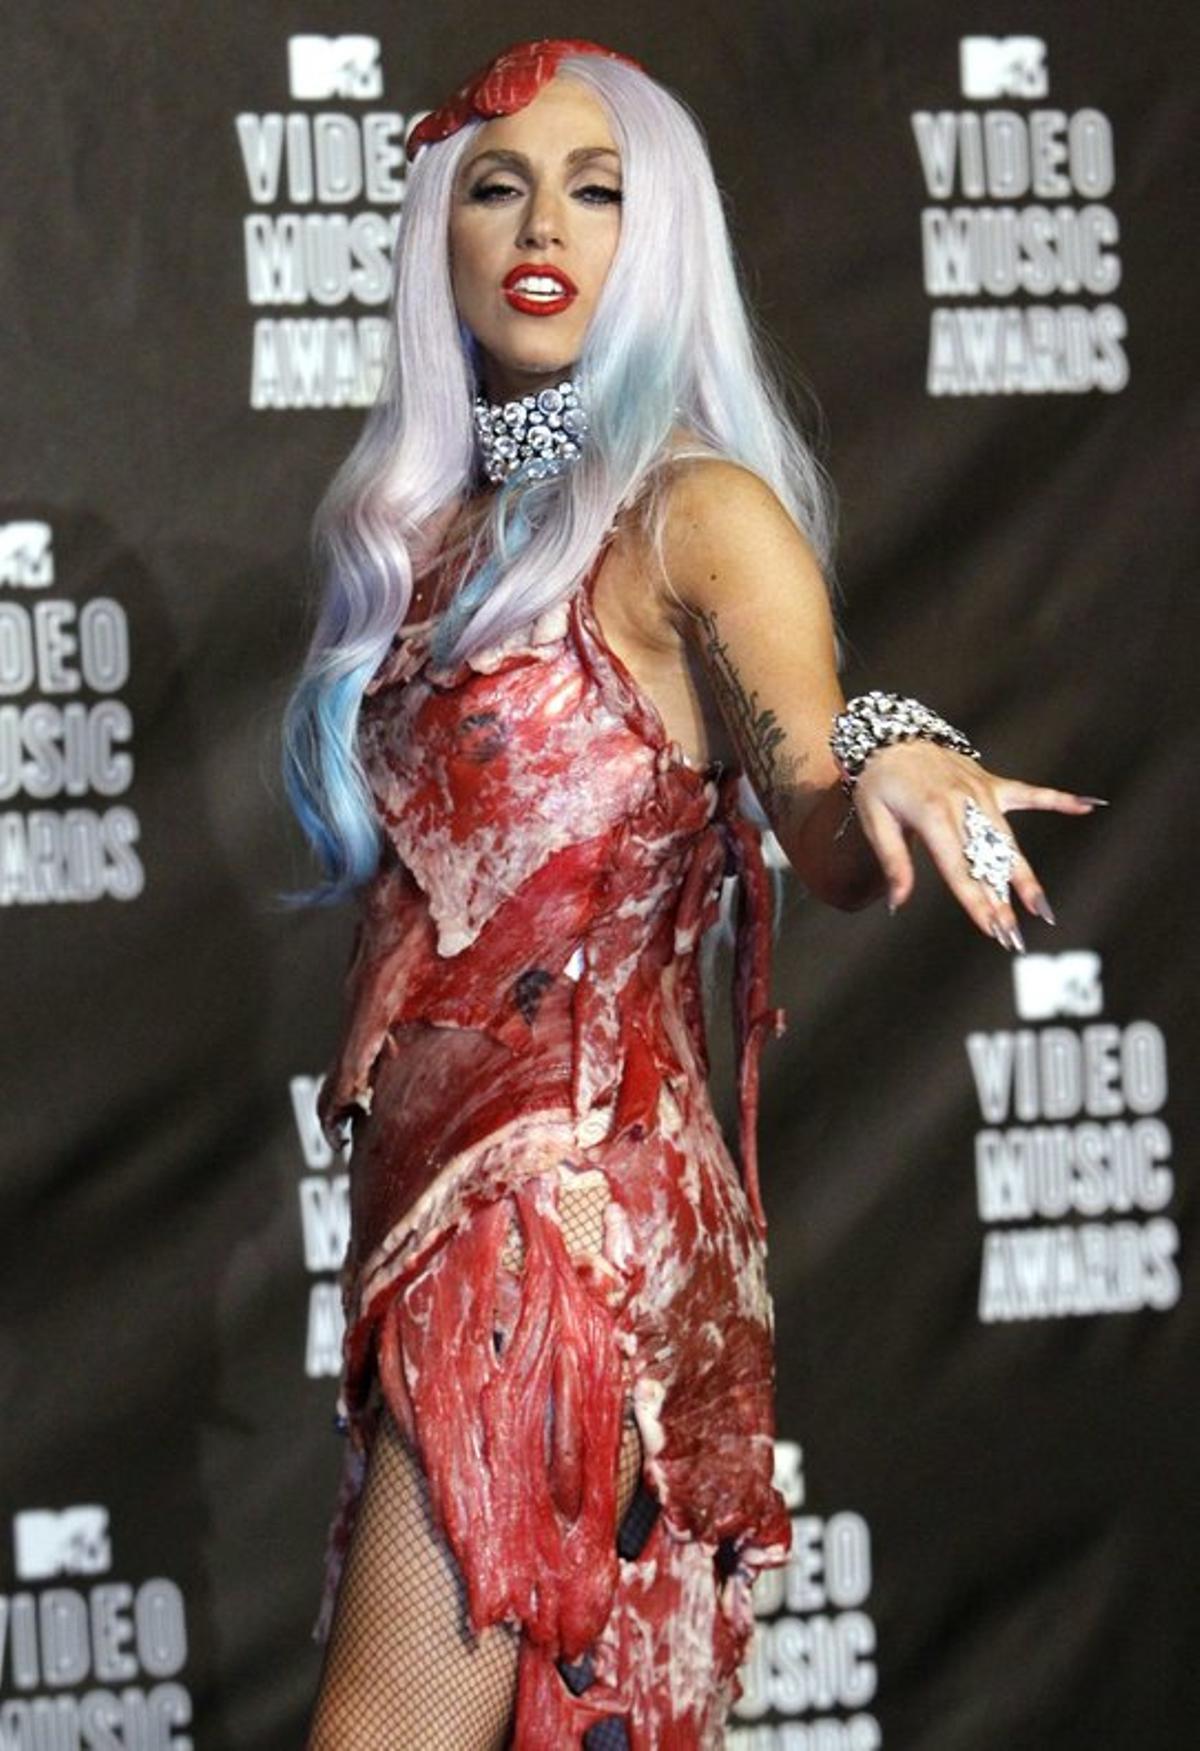 Lady Gaga, con el famoso vestido de carne (filetes de ternera) con el que acudió a los MTV Video Music Awards en el 2010. Fue un diseño de Franc Fernández y Nicola Formichetti.